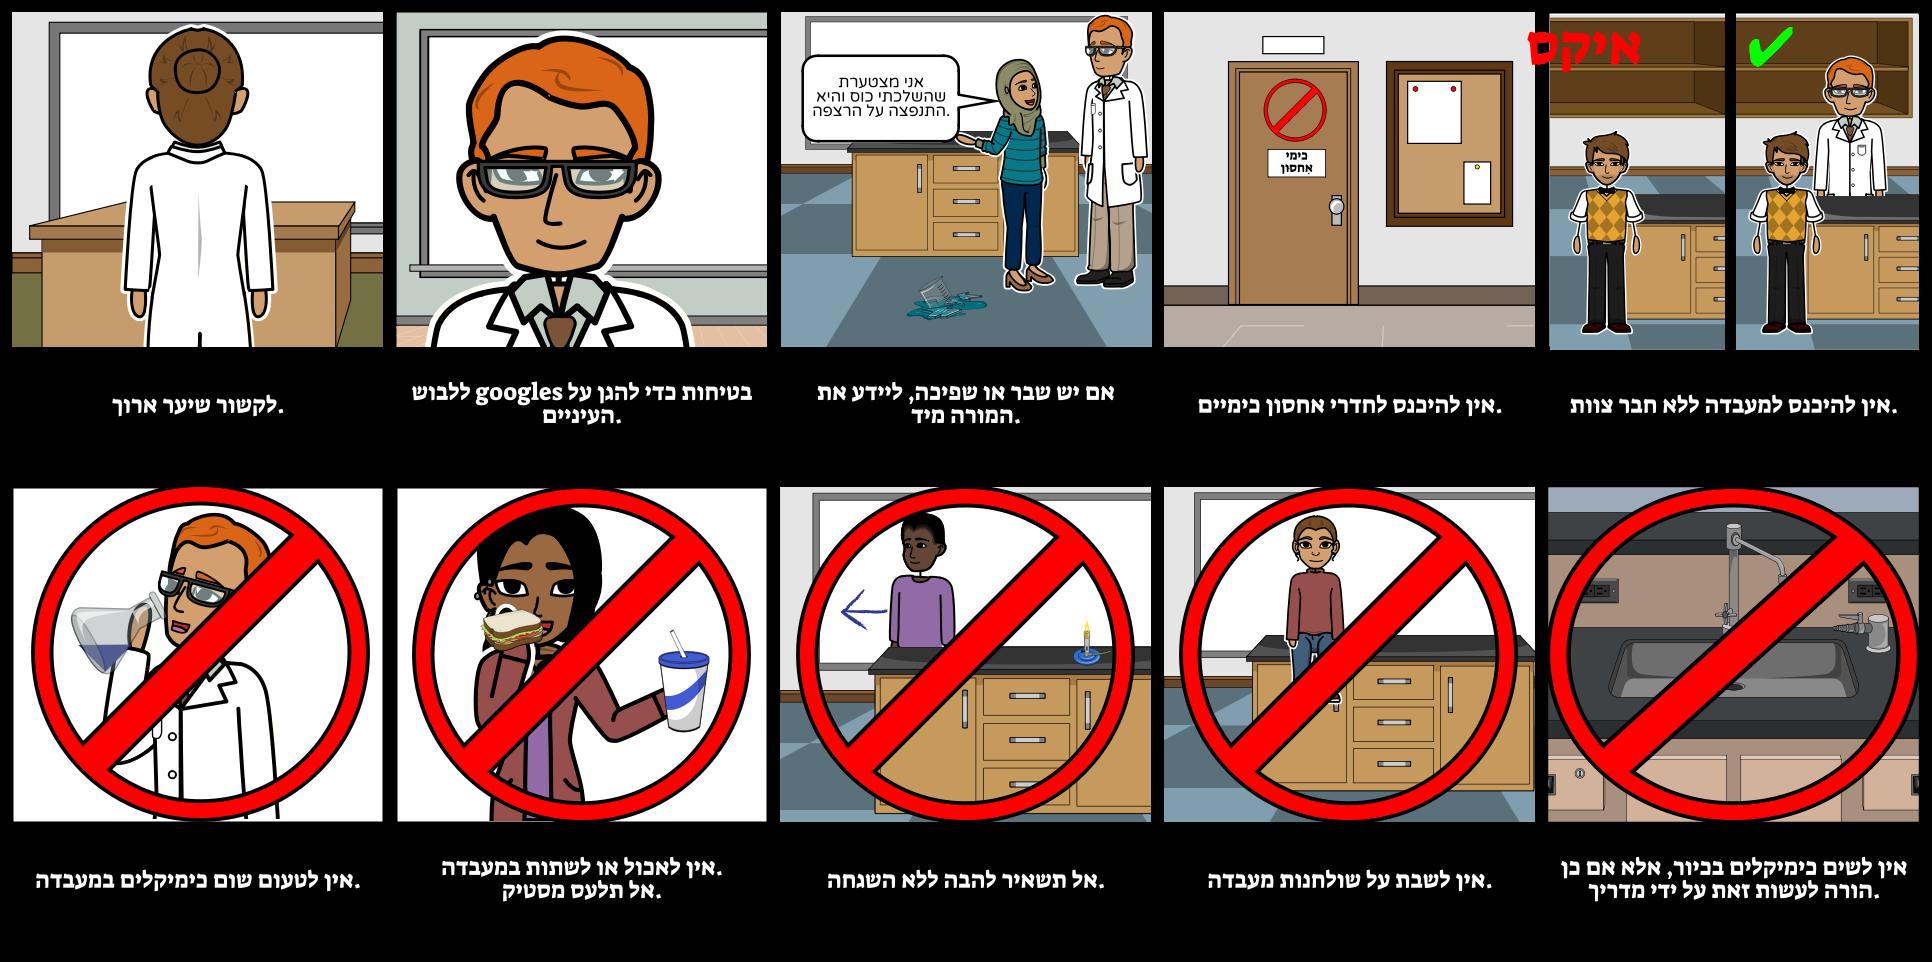 כללי בטיחות במעבדה